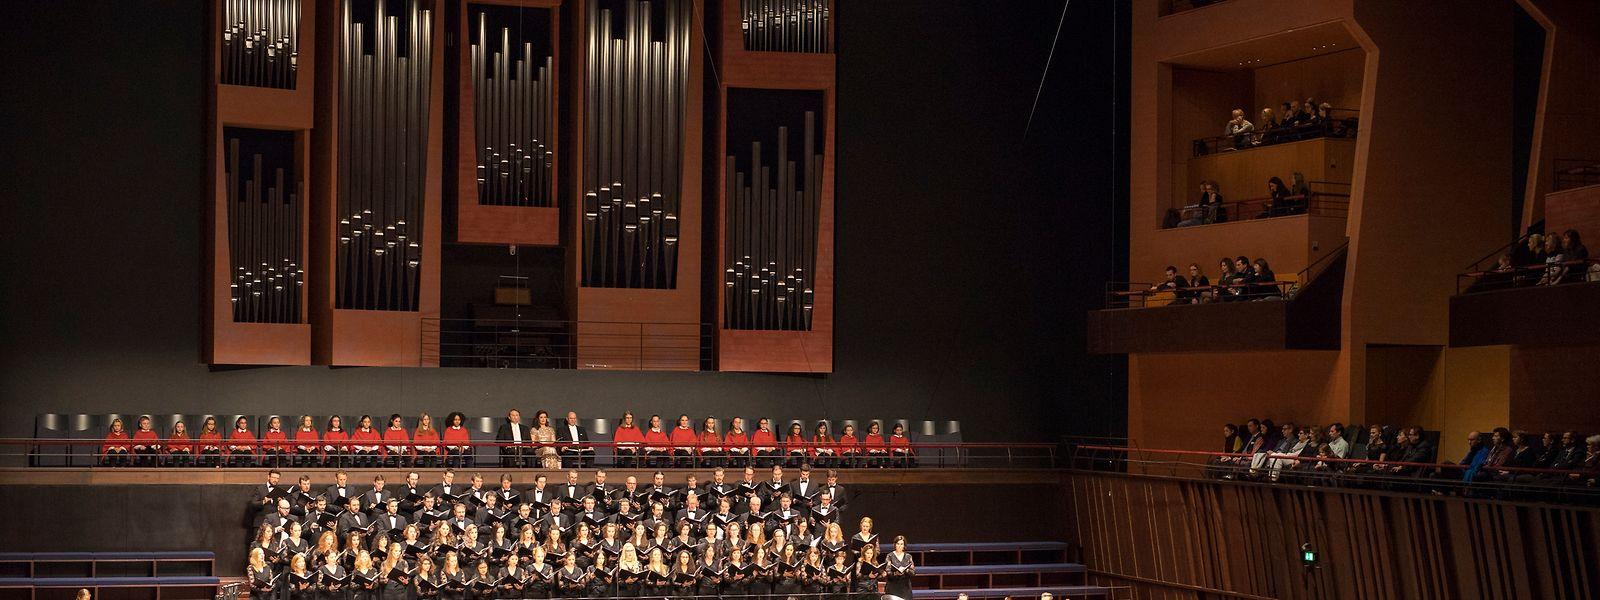 Le Chœur Philharmonique de Luxembourg épaulé par l'Académie pour Jeunes Voix, l'Ensemble à cordes de l'Orchestre de Chambre du Luxembourg ainsi que par la Musique Militaire Grand-Ducale.